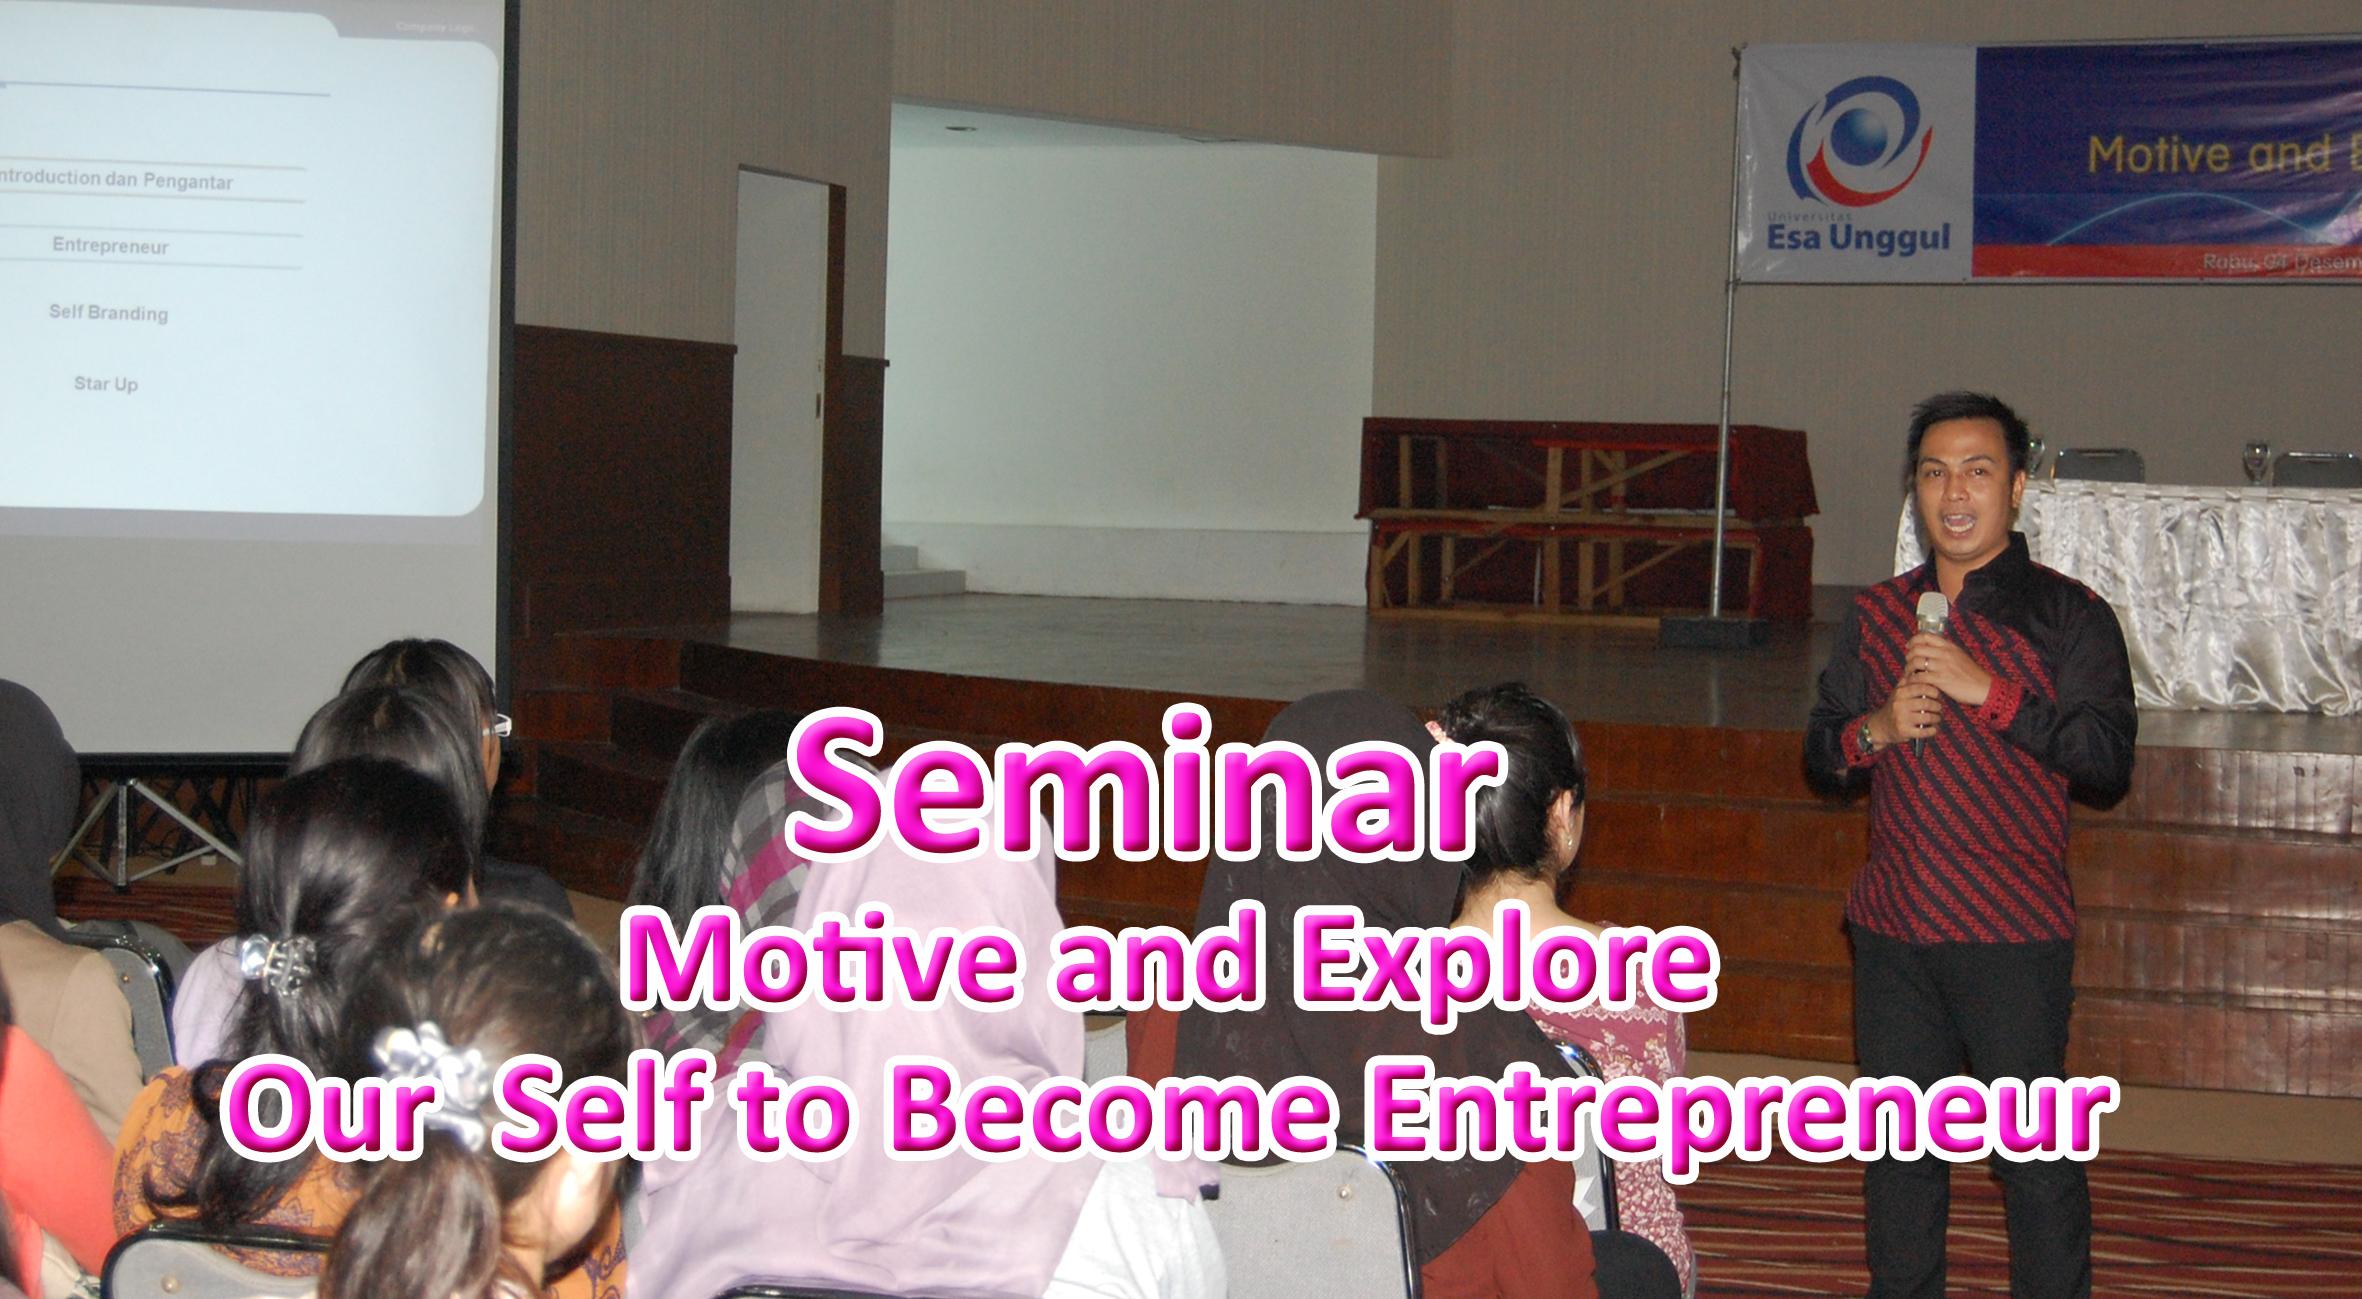 Universitas Esa Unggul menyelenggarakan Seminar Motive and Explore Our Self to Become Entrepreneur